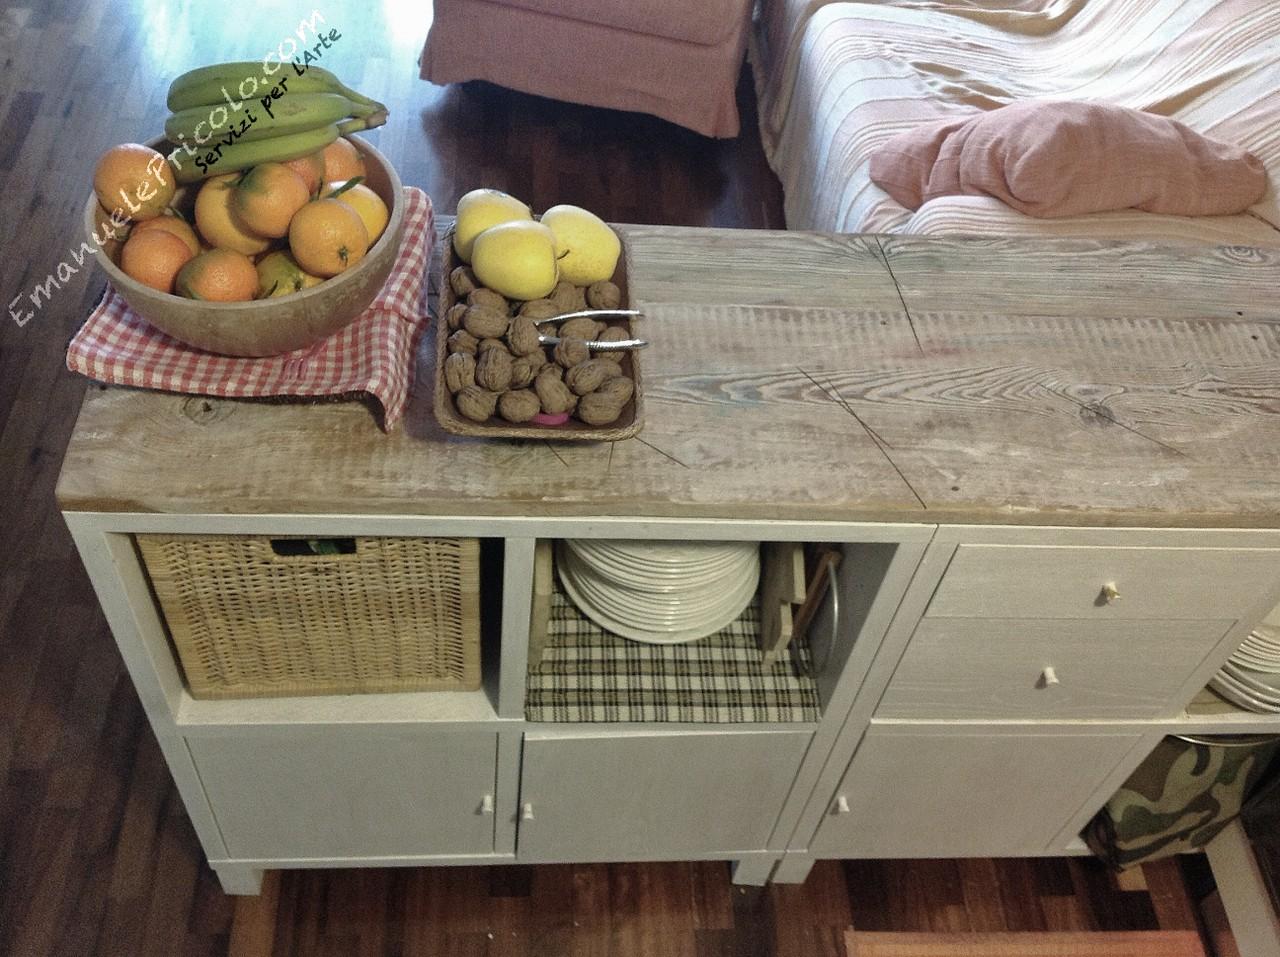 Mobili per cucine cool cucina moderna frassinata opaca arredook mobili per u mobili per tutti - Larghezza mobili cucina ...